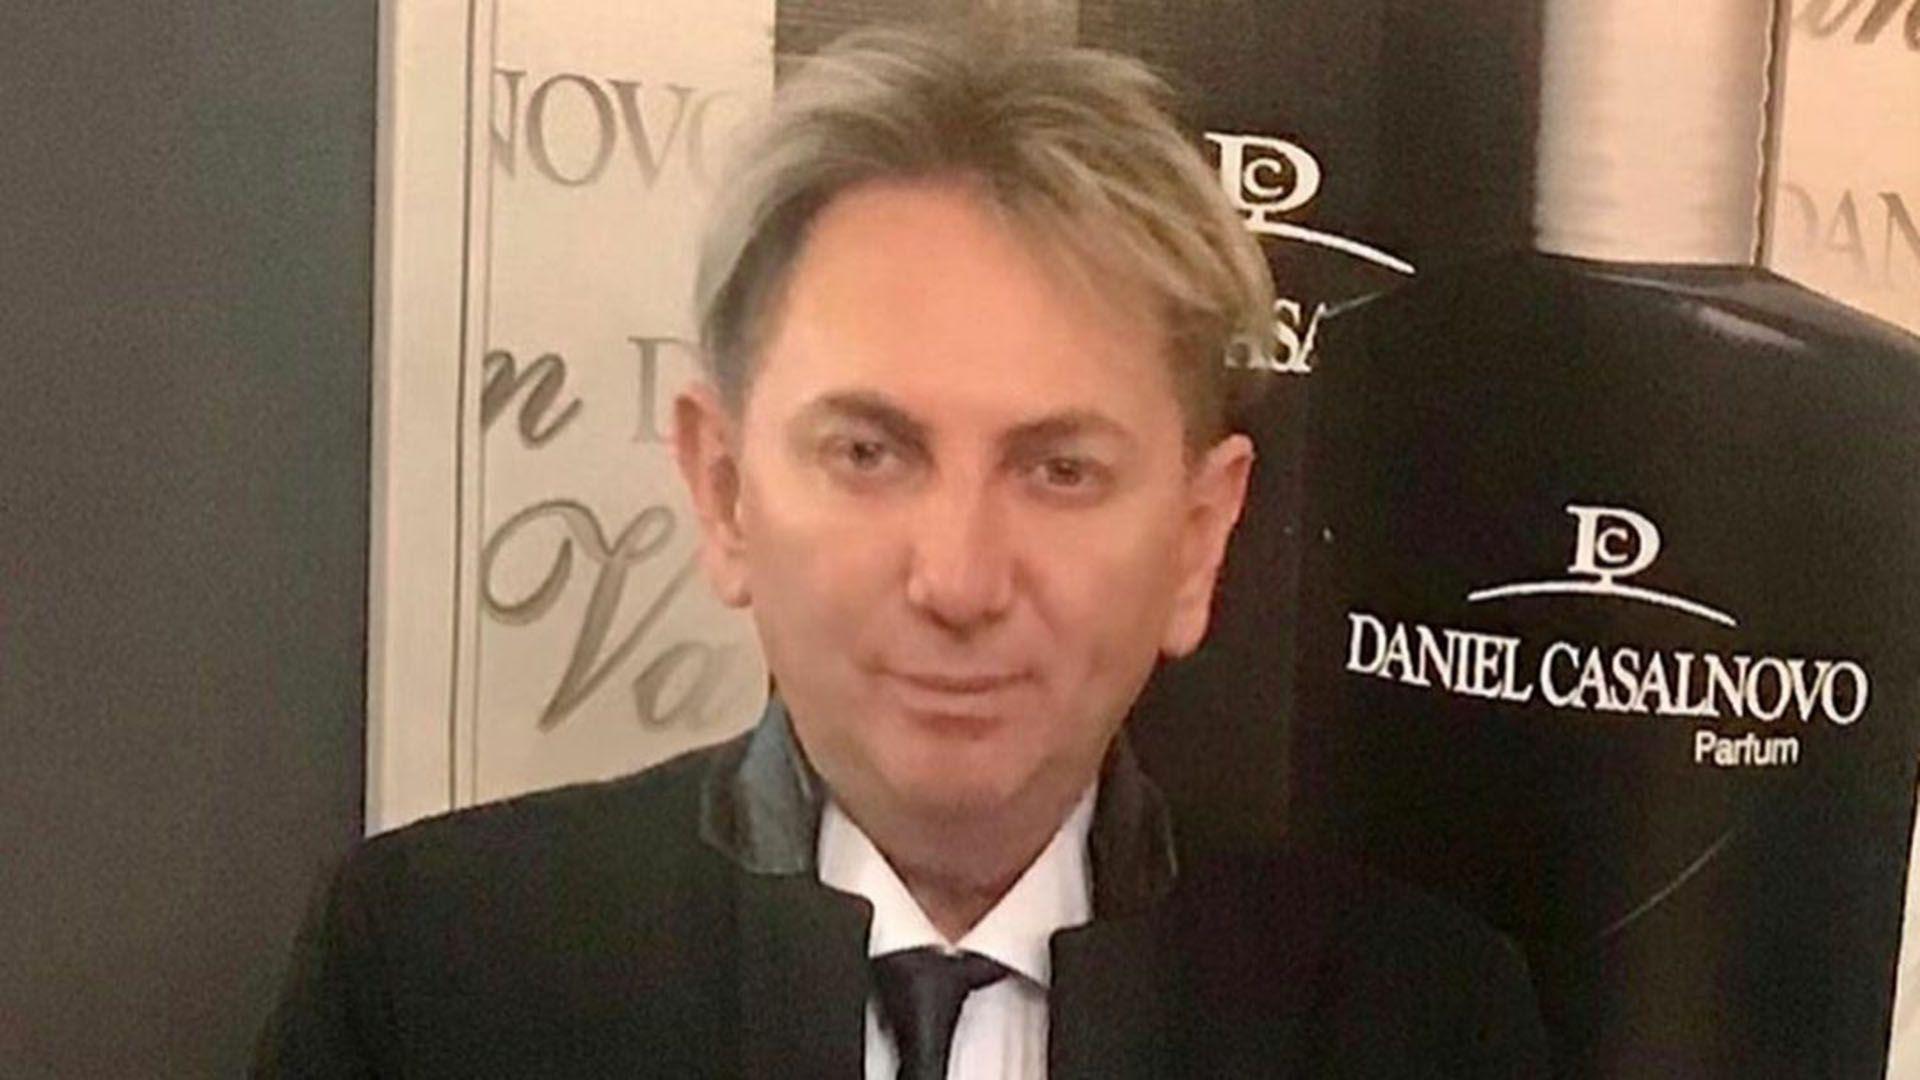 Daniel Casalnovo